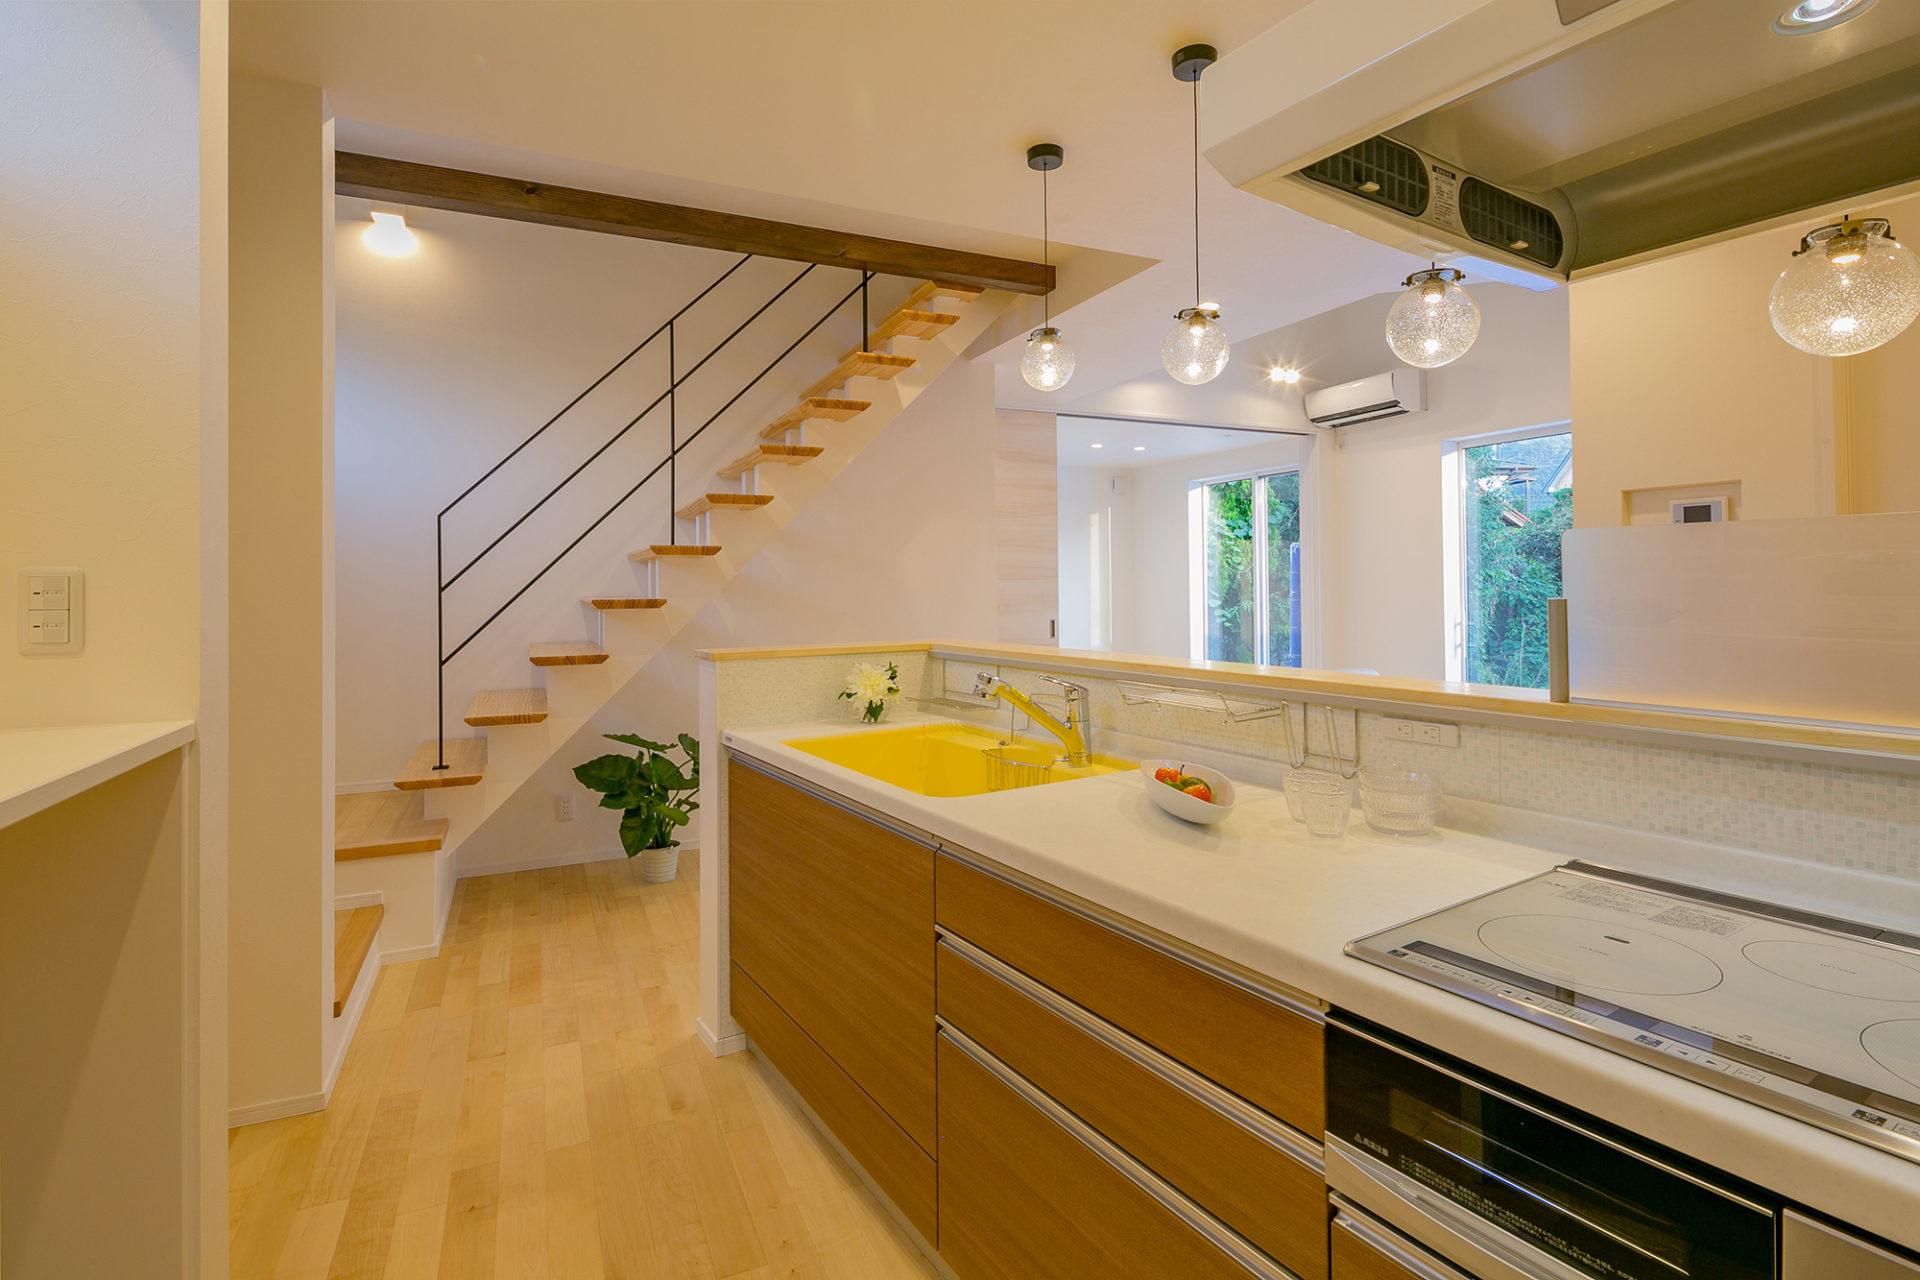 静かにゆっくり流れる時間を愉しむ ななめキッチンの家4